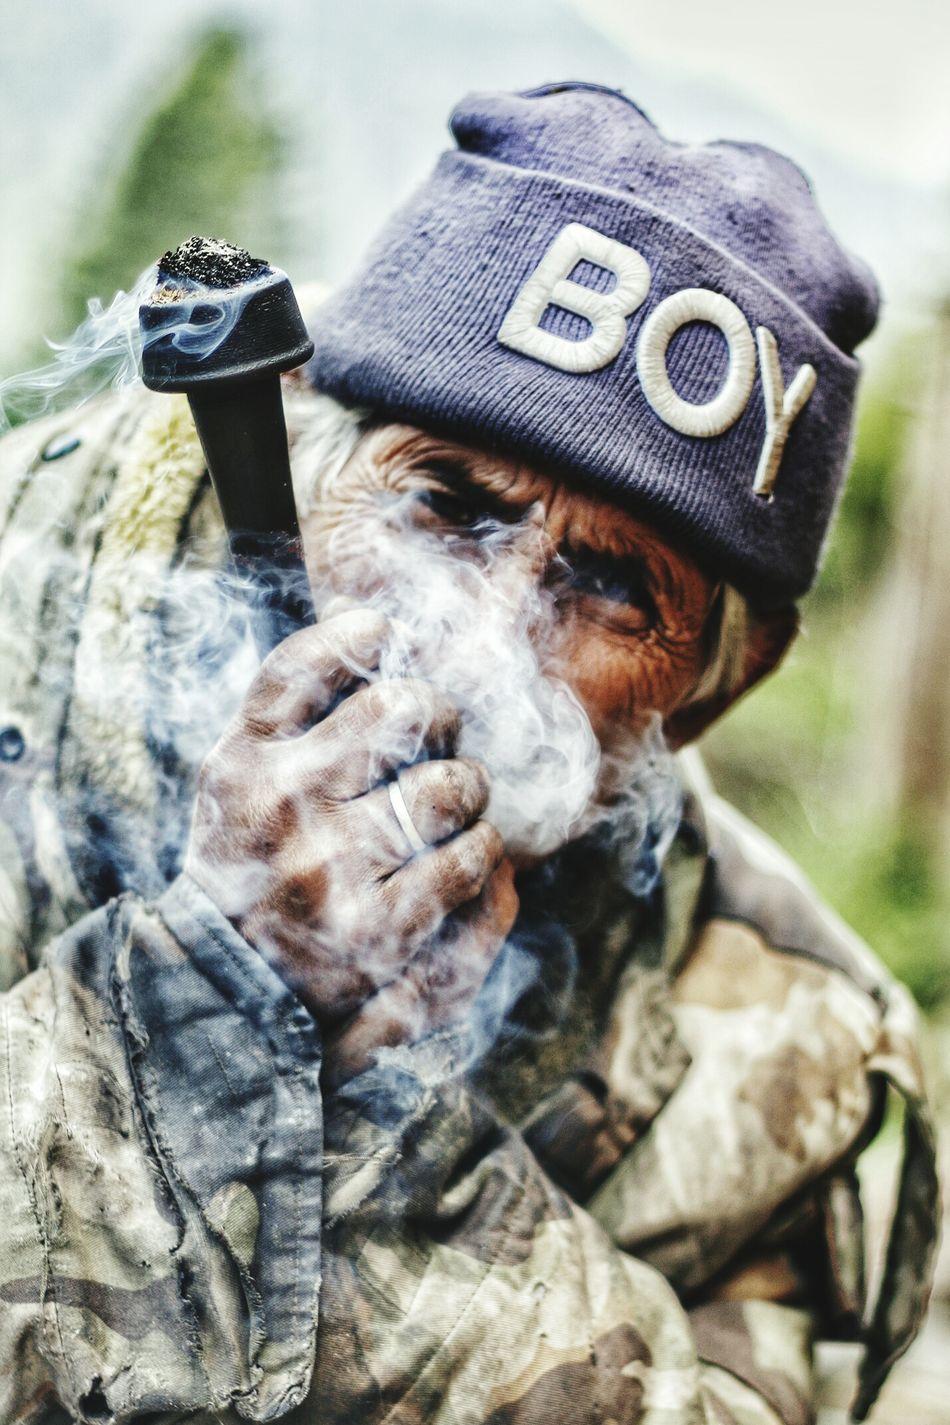 Smoke Weed Attitude Wrinkle Boy Cap Viilage Man Portrait Looks